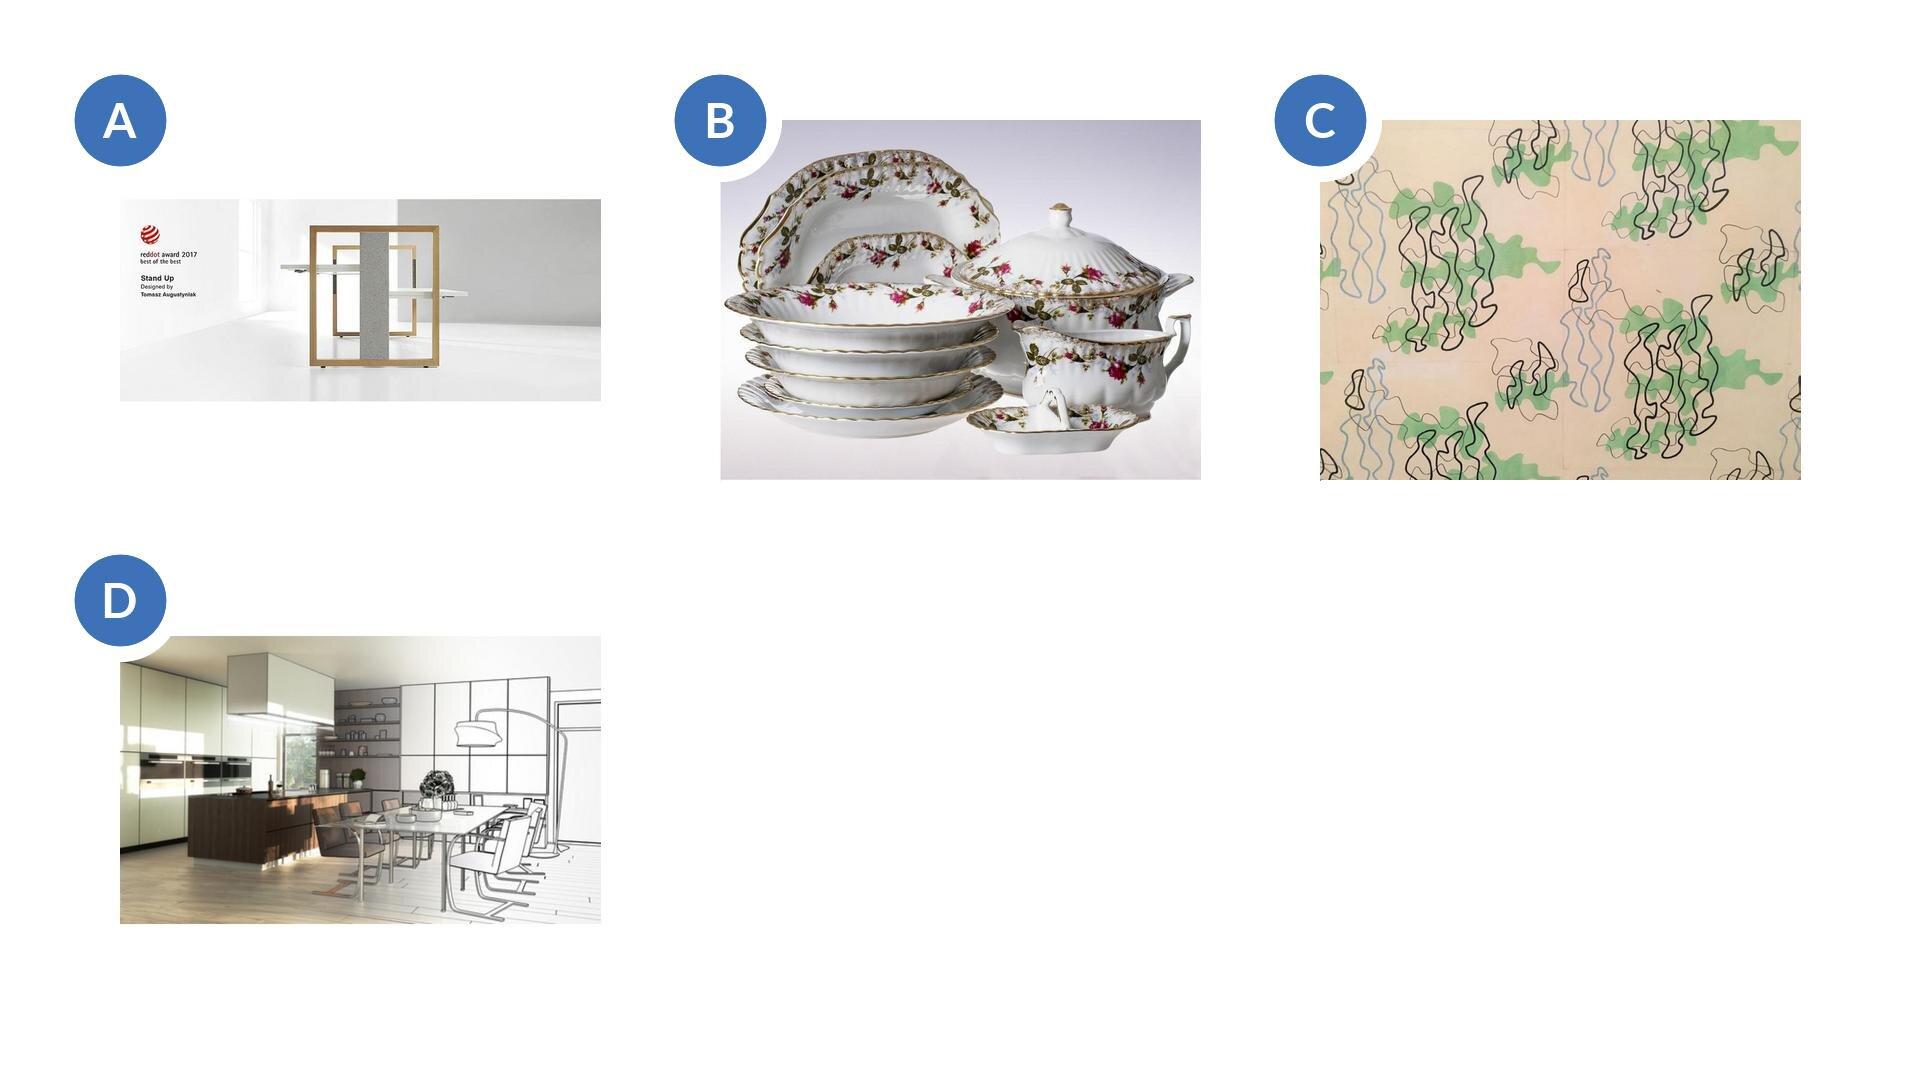 Wzadaniu są cztery zdjęcia ułożone wkolumnie. Pierwsze zdjęcie przedstawia biurko Tomasza Augustynia pt. Stand up. Boki to dwie kwadratowe ramy. Zgóry na dół boku idzie szara deska. Biurko po obu stronach ma białe blaty. Są na różnej wysokości. Drugie zdjęcie przedstawia projekt tkaniny odzieżowej autorstwa Władysława Strzemińskiego. Jest to jasny materiał, na którym są narysowane wzory. Są to nieregularne figury przypominające jeziora zaznaczane na mapach. Figury te nachodzą na siebie, aobrys ich jest wkolorach niebieskim, czarnym, brązowym izielonym. Trzecie zdjęcie przedstawia porcelanę zĆmielowa. Jest to zestaw talerzy, waza, sosjerka. Porcelana jest biała zdobiona bordowymi kwiatami na bokach, abrzegi są pomalowane złotym kolorem. Czwarte zdjęcie przedstawia kuchnię, wktórej lewa ściana jest zabudowana meblami. Po prawej stronie stoi stół zkrzesłami. Widać też stojącą lampę skierowaną wstronę stołu. Jest to ilustracja, która jest wpołowie zdjęciem, awpołowie szkicem.